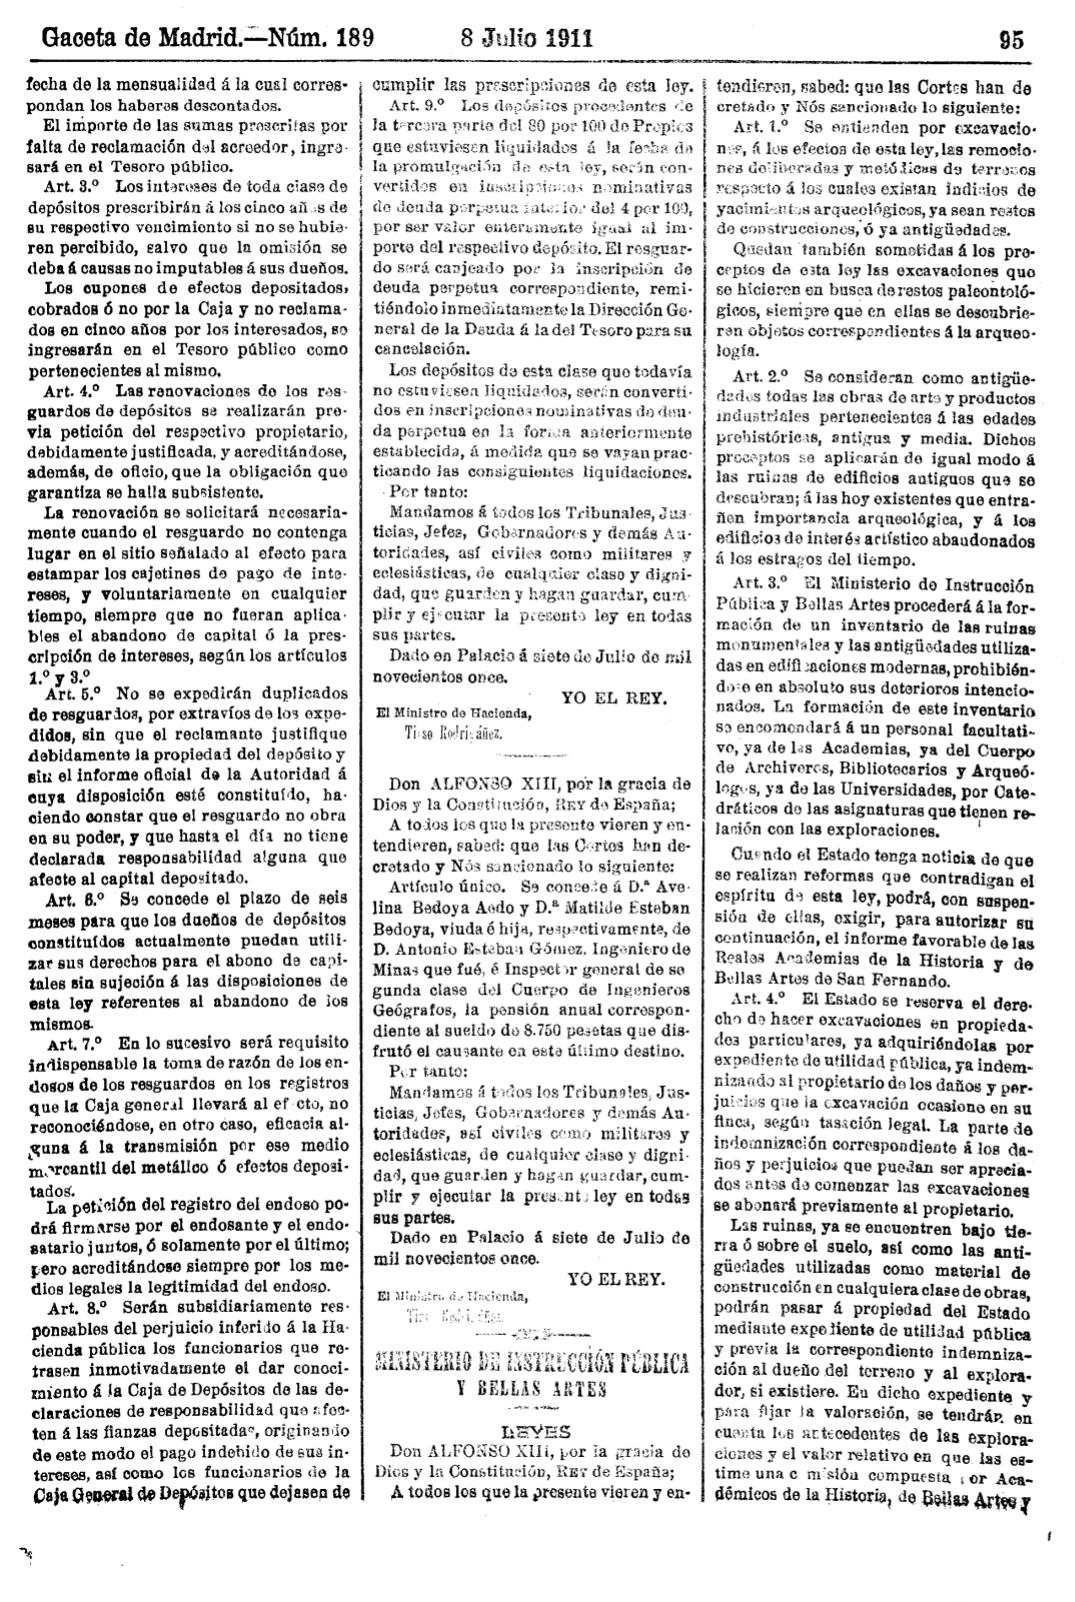 ley excavaciones arqueológicas de 1911 1